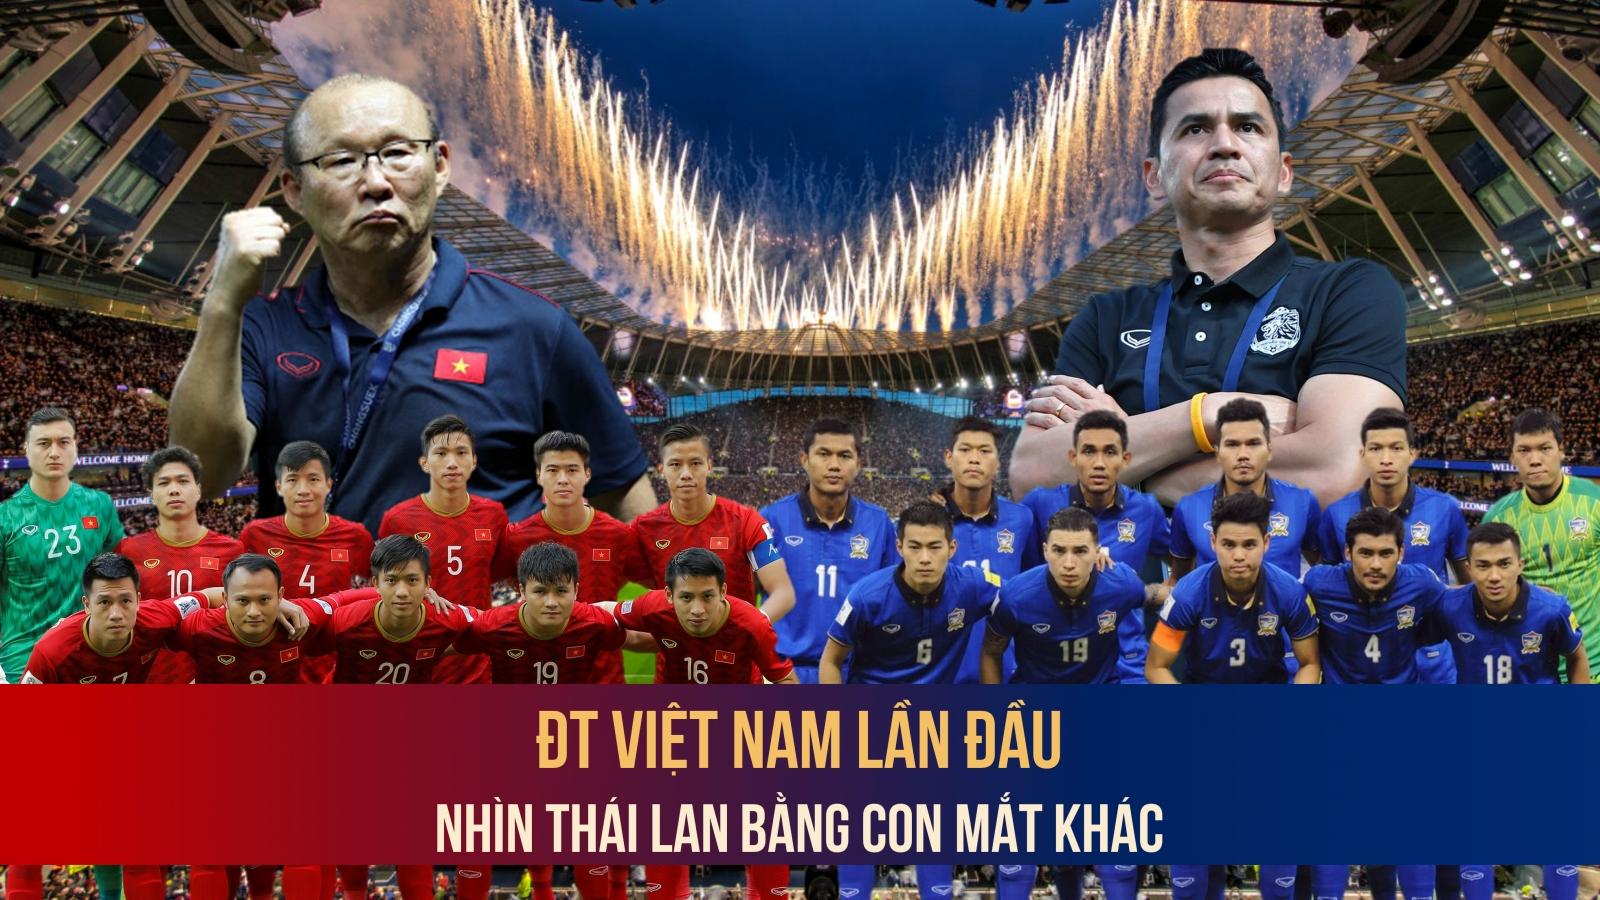 ĐT Việt Nam lần đầu nhìn Thái Lan bằng con mắt khác